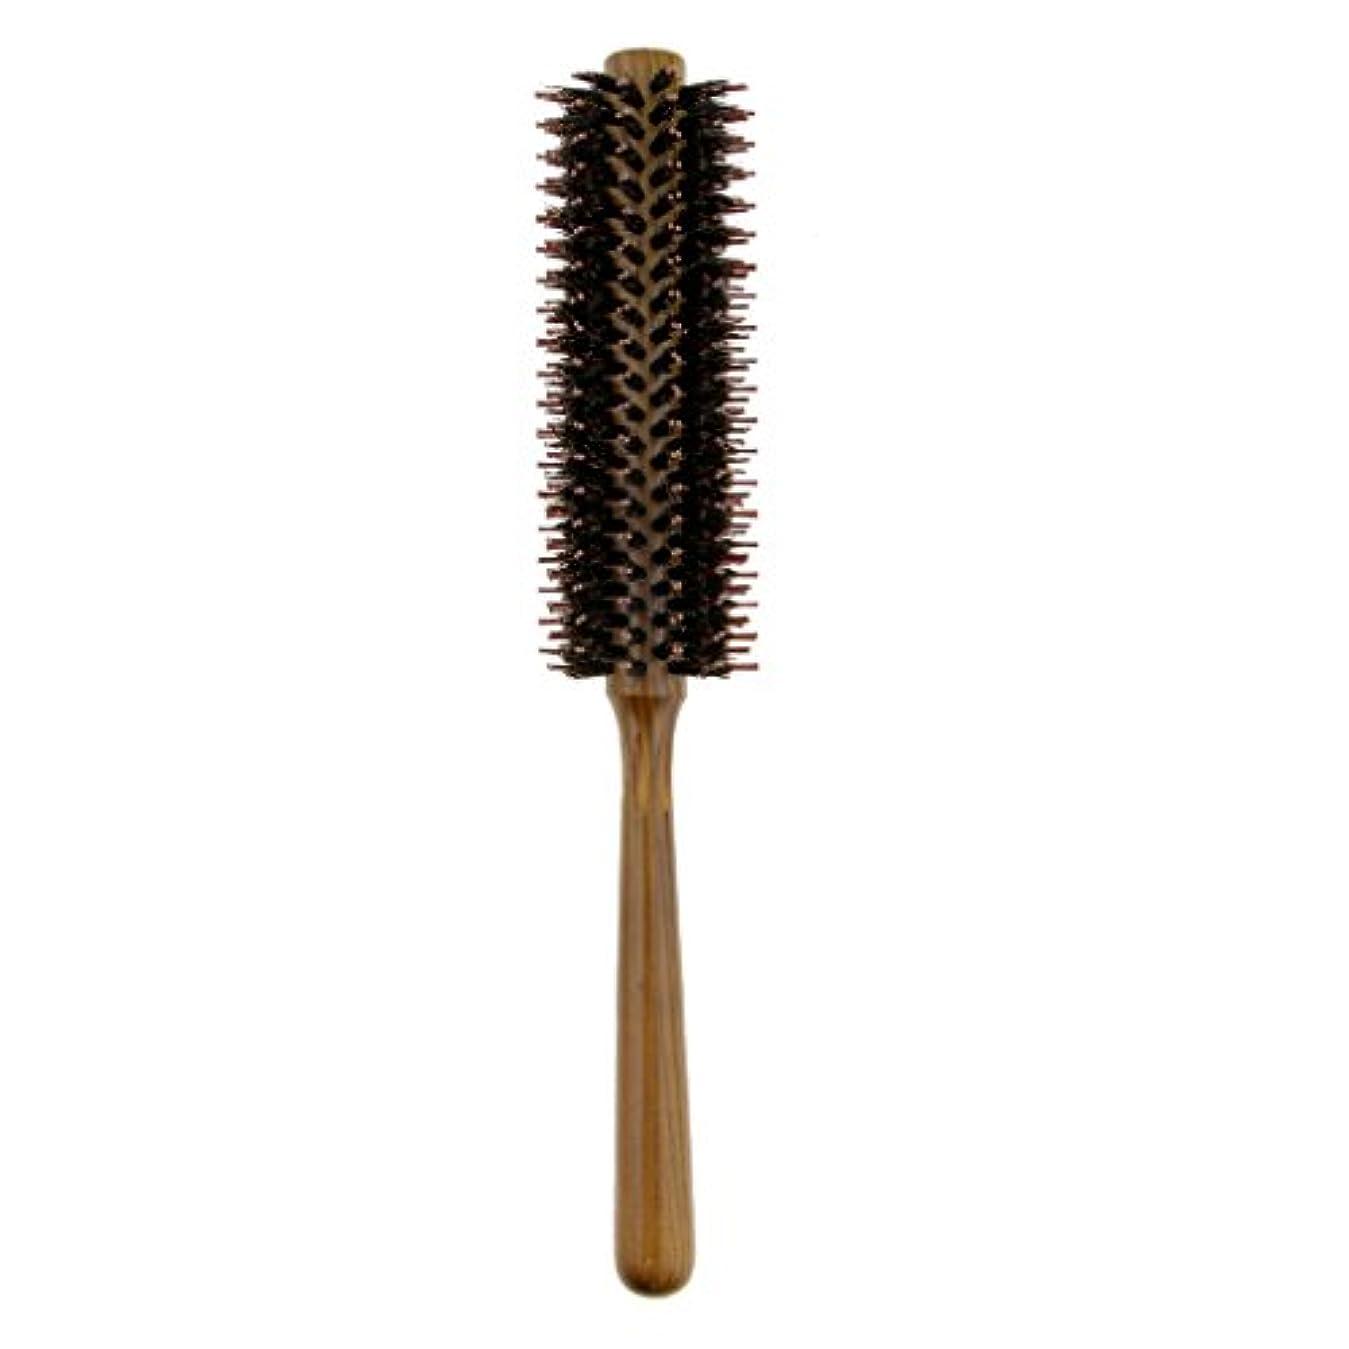 見せます落ち着いた収束するToygogo ヘアブラシカーリングヘアラウンドブラシバレルヘアスタイリングコームヘアブラシ - S